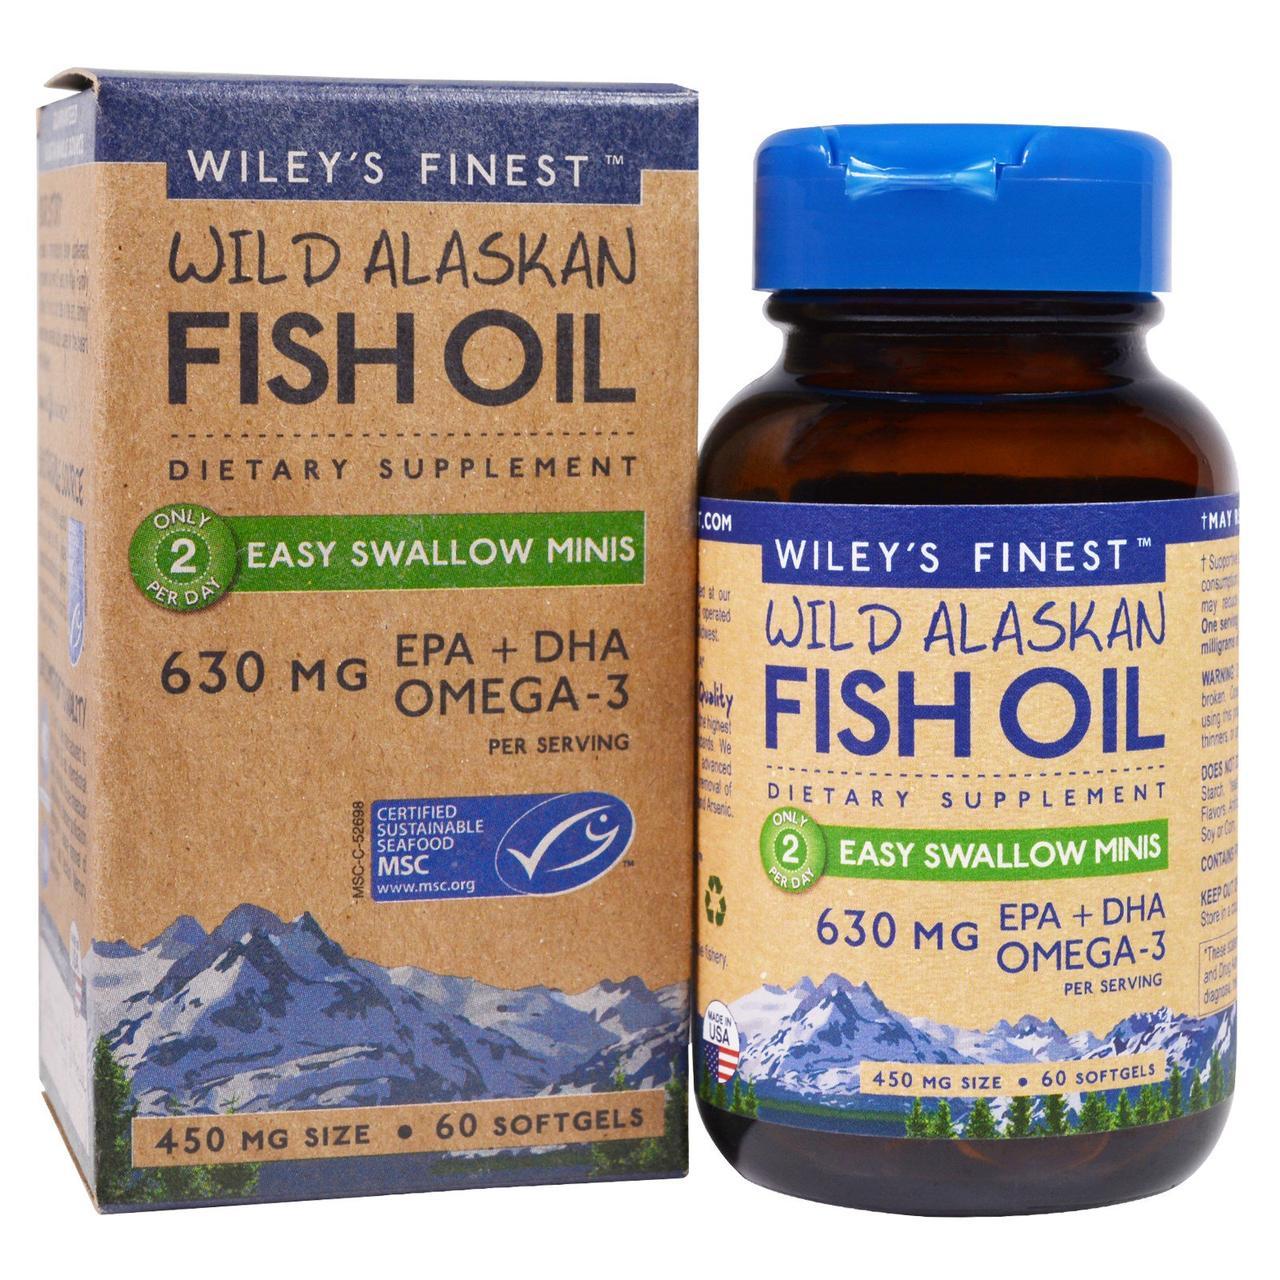 Аляскинский рыбий жир Wiley's Finest, миникапсулы (легко проглатываемые), 450 мг, 60 мягких капсул